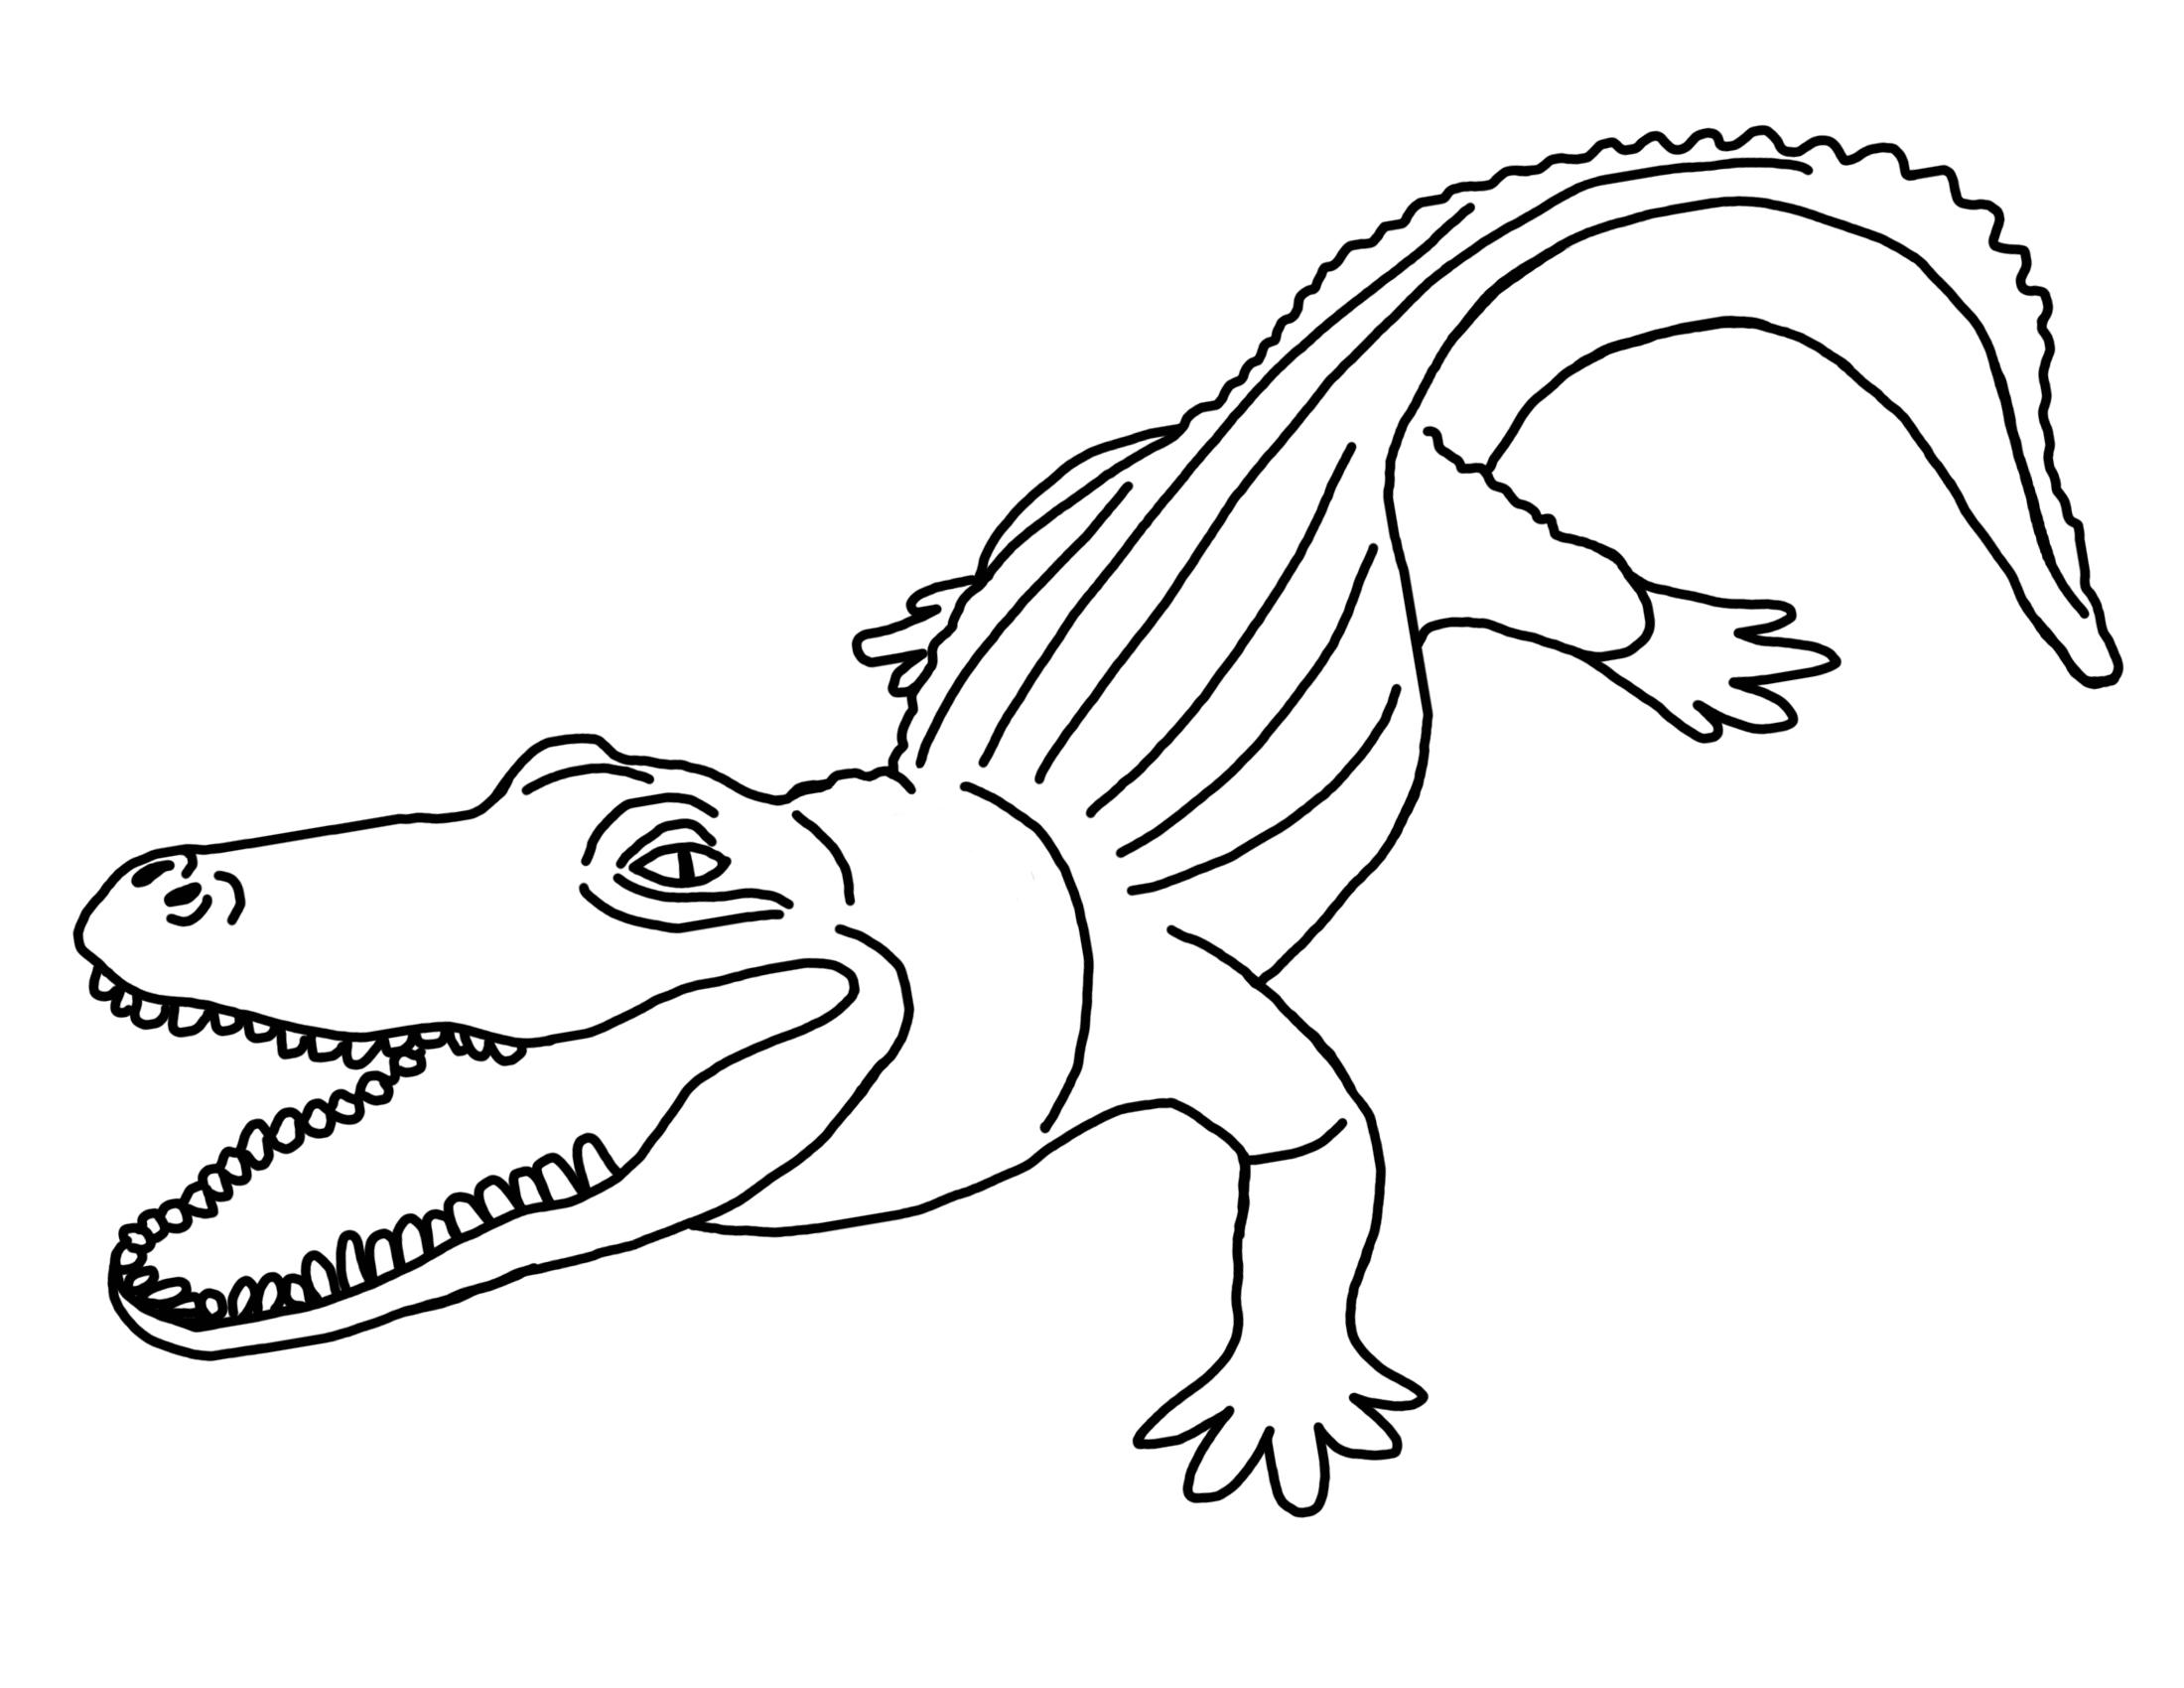 аллигатор картинка раскраска молодым шпинатом всегда